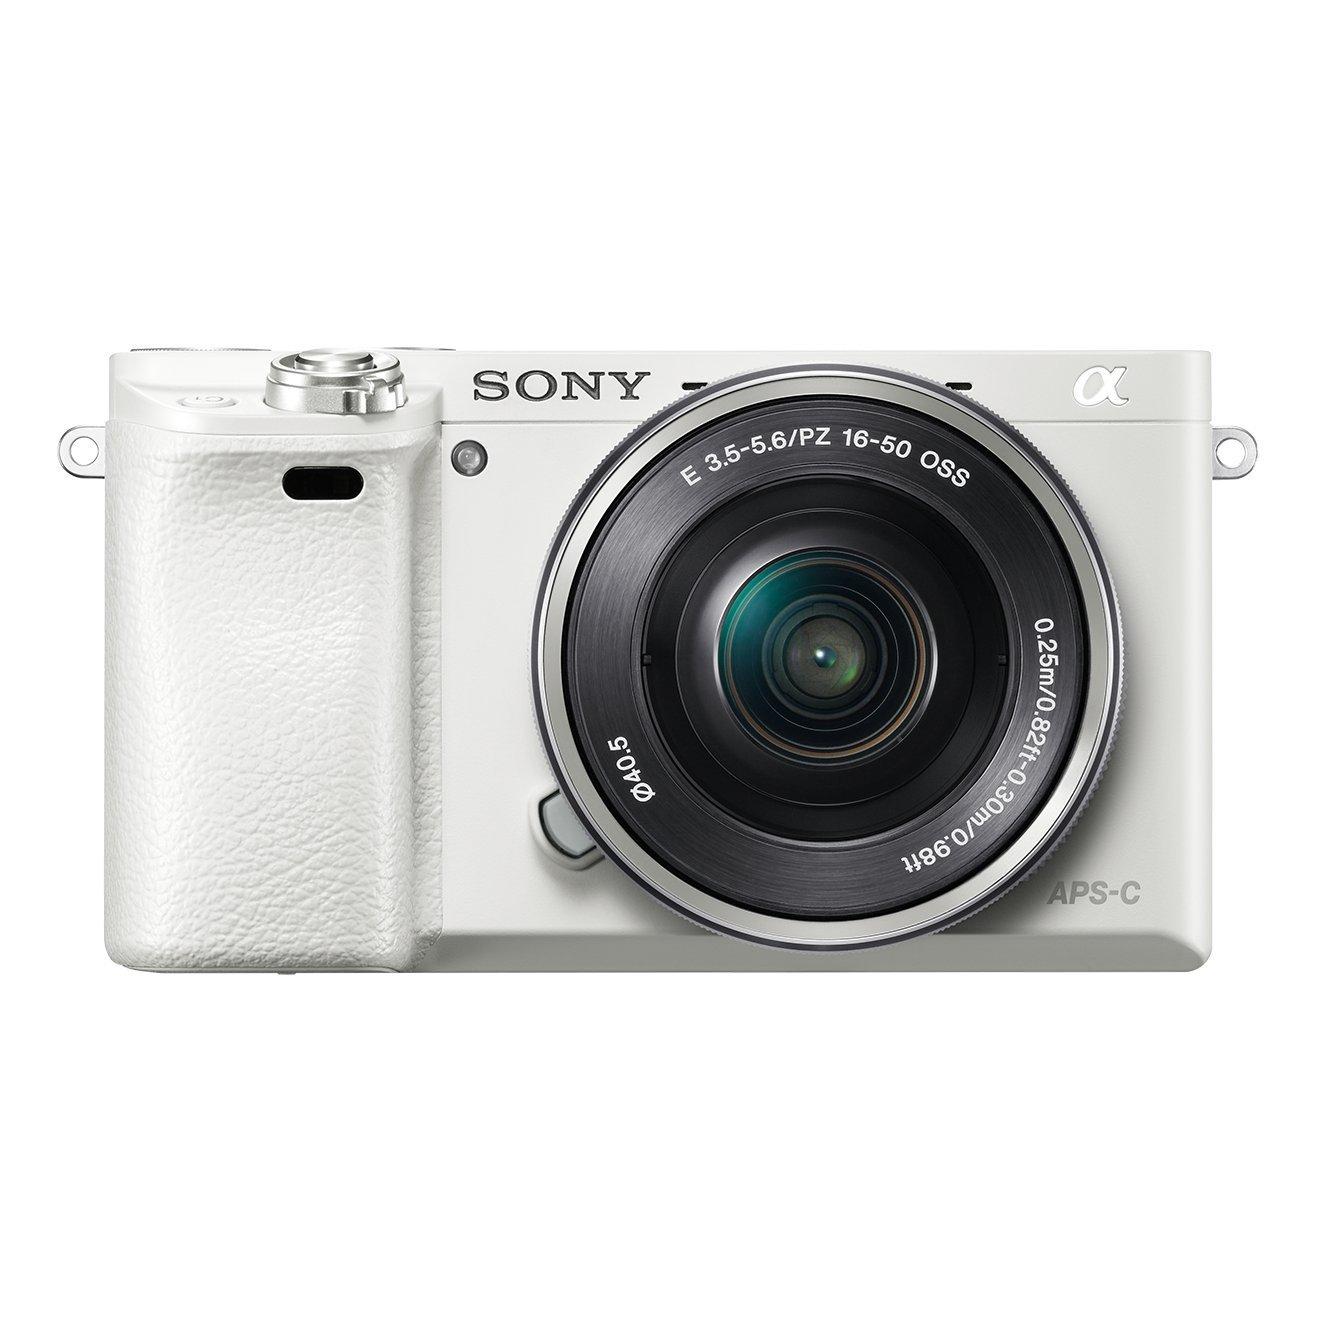 Amazon-Deal des Tages: Sony Alpha 6000 Systemkamera (weiß) mit SEL-P1650-Objektiv für 533,45 Euro